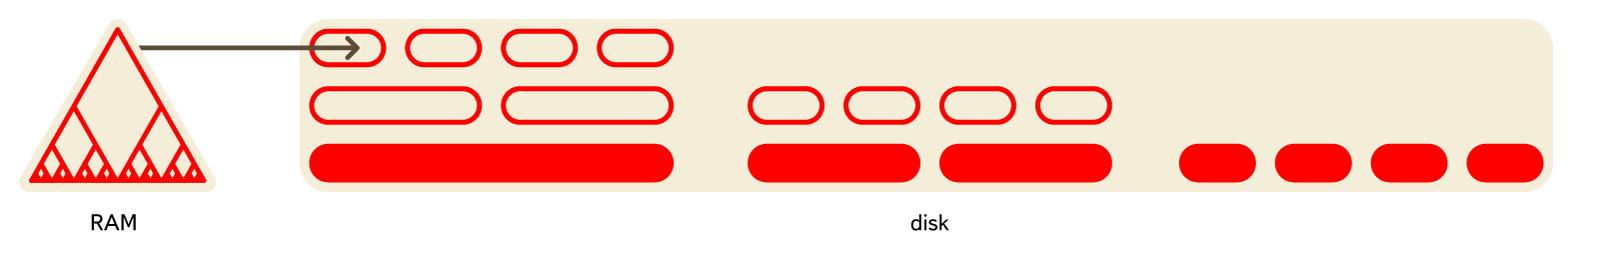 Эволюция структур данных в Яндекс.Метрике - 3